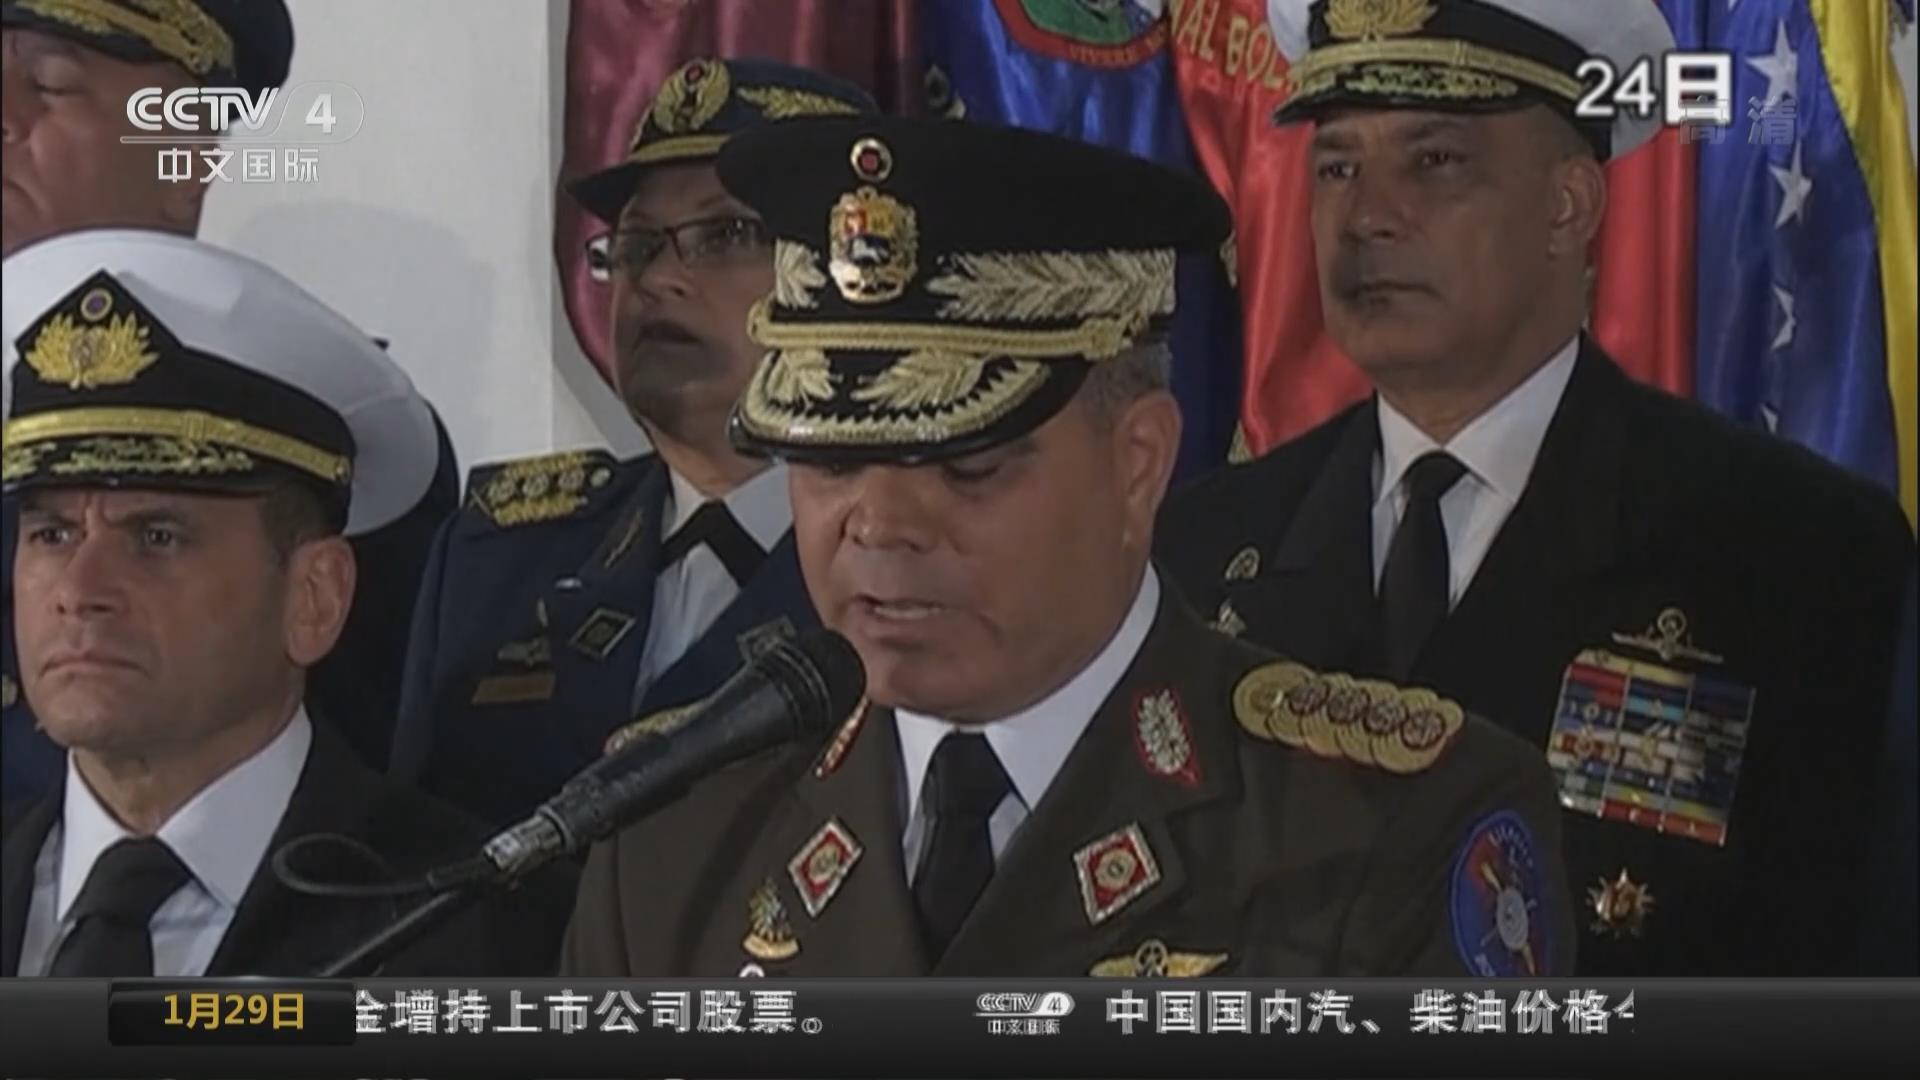 新聞特寫:視察軍營 馬杜羅獲軍方支持